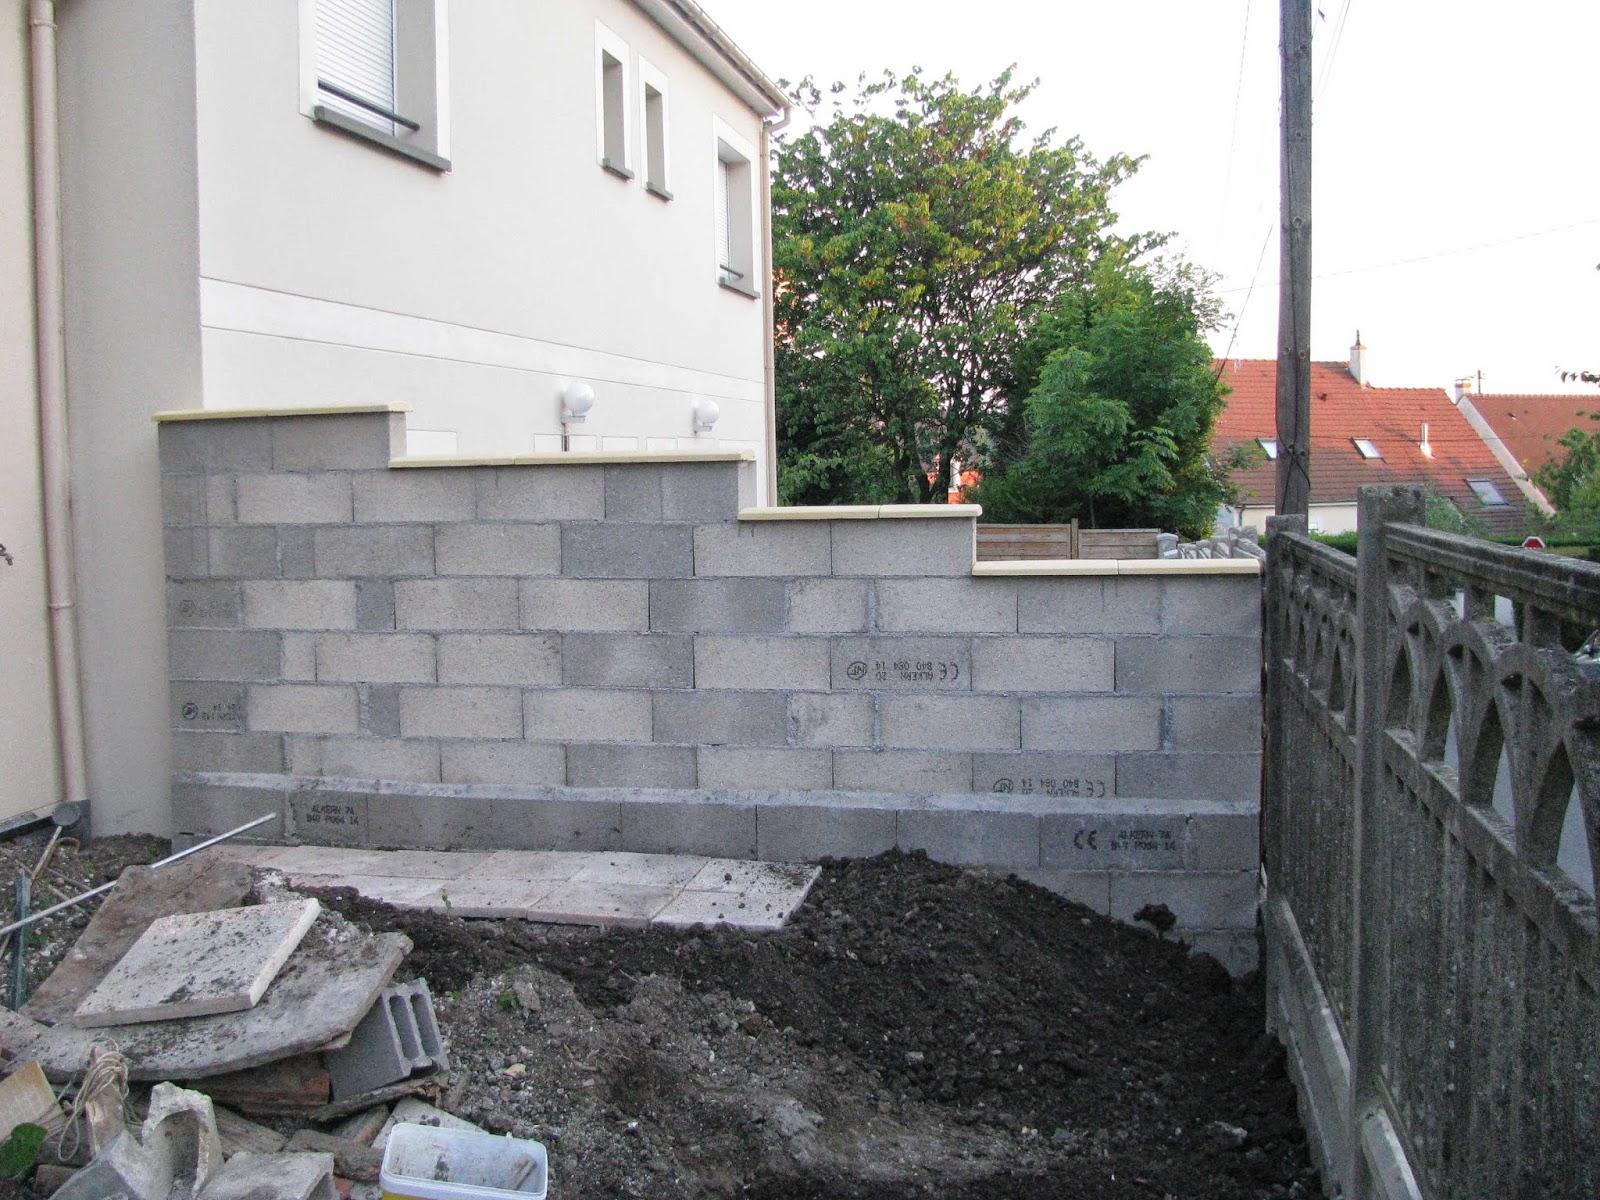 Je fais construire ma maison murs privatifs 25 26 for Construire ma maison